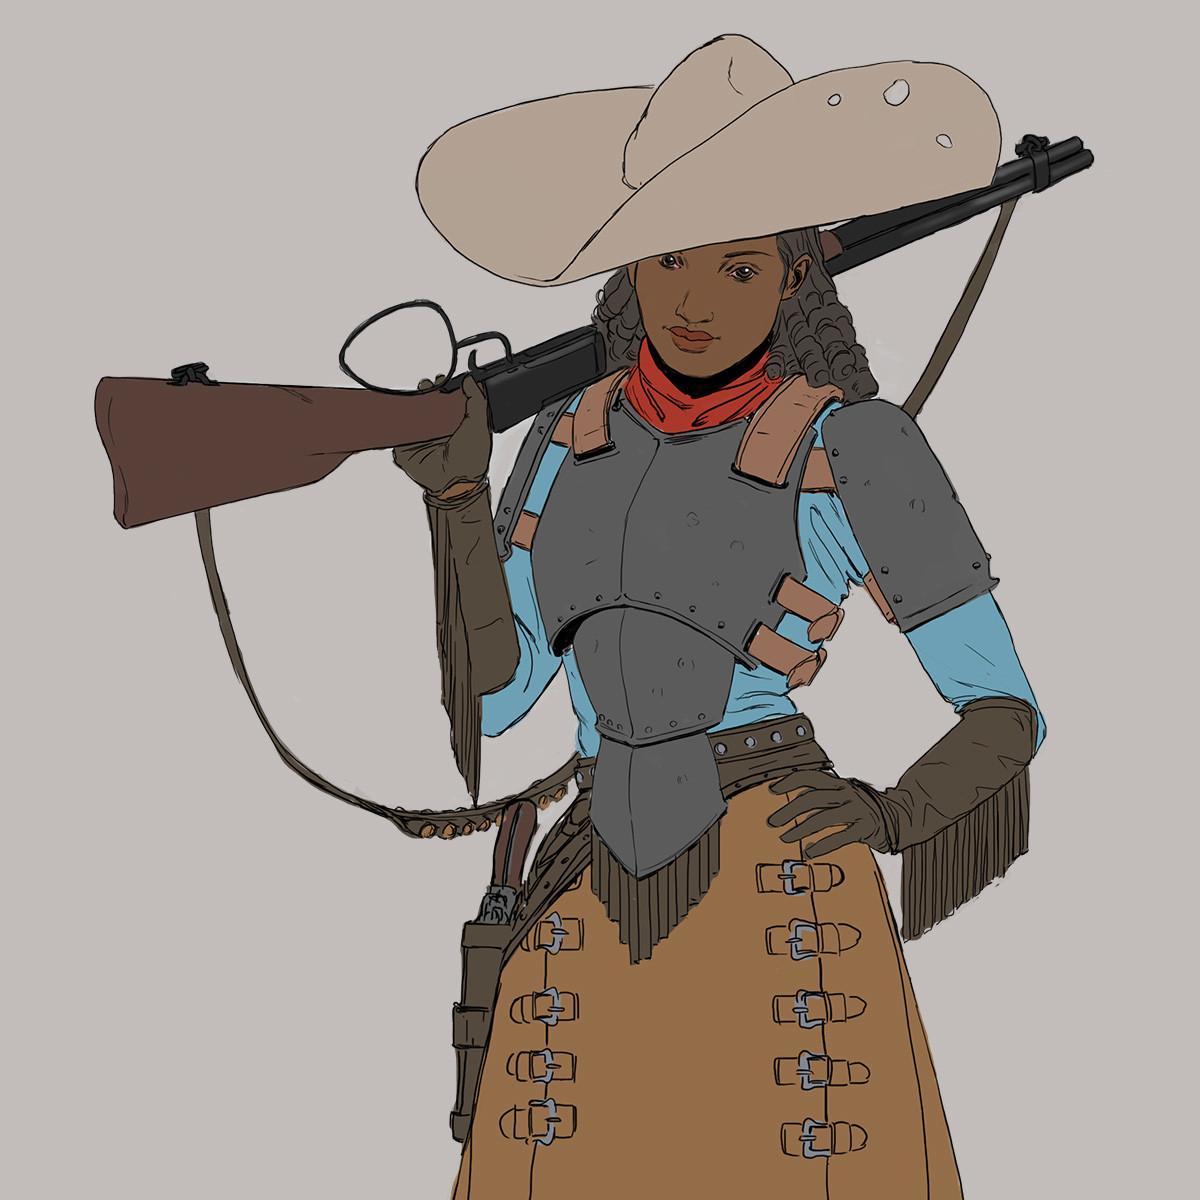 Artstation Wild West Challenge, Character Design: Arabella Mitcham (detail)